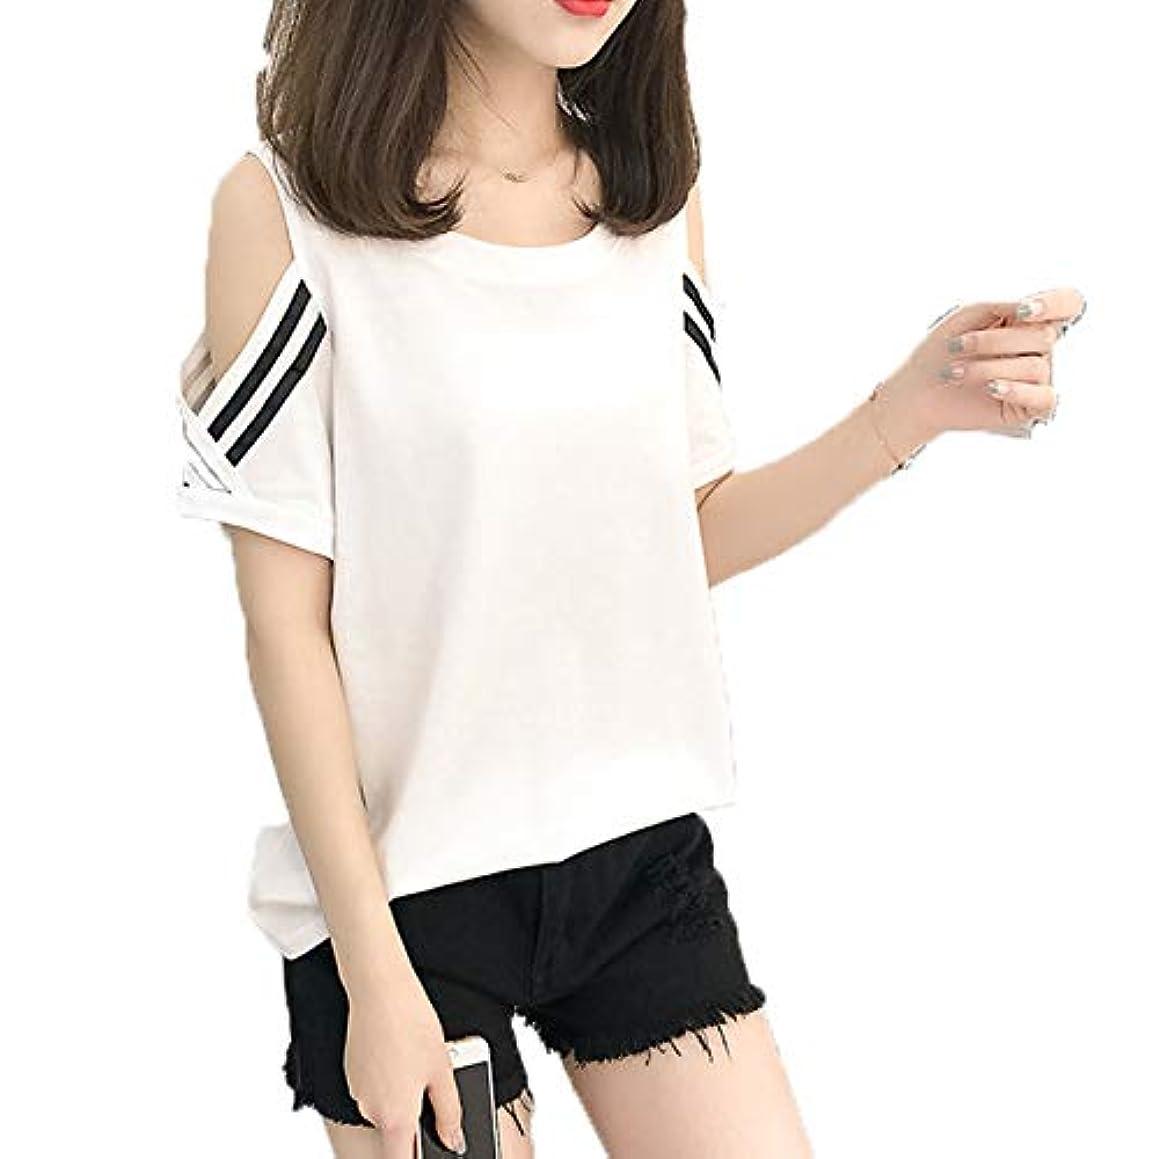 生き残りドアトレイ[ココチエ] Tシャツ ライン プルオーバー レディース 肩出し 半袖 かっこいい かわいい おしゃれ レッド イエロー ホワイト